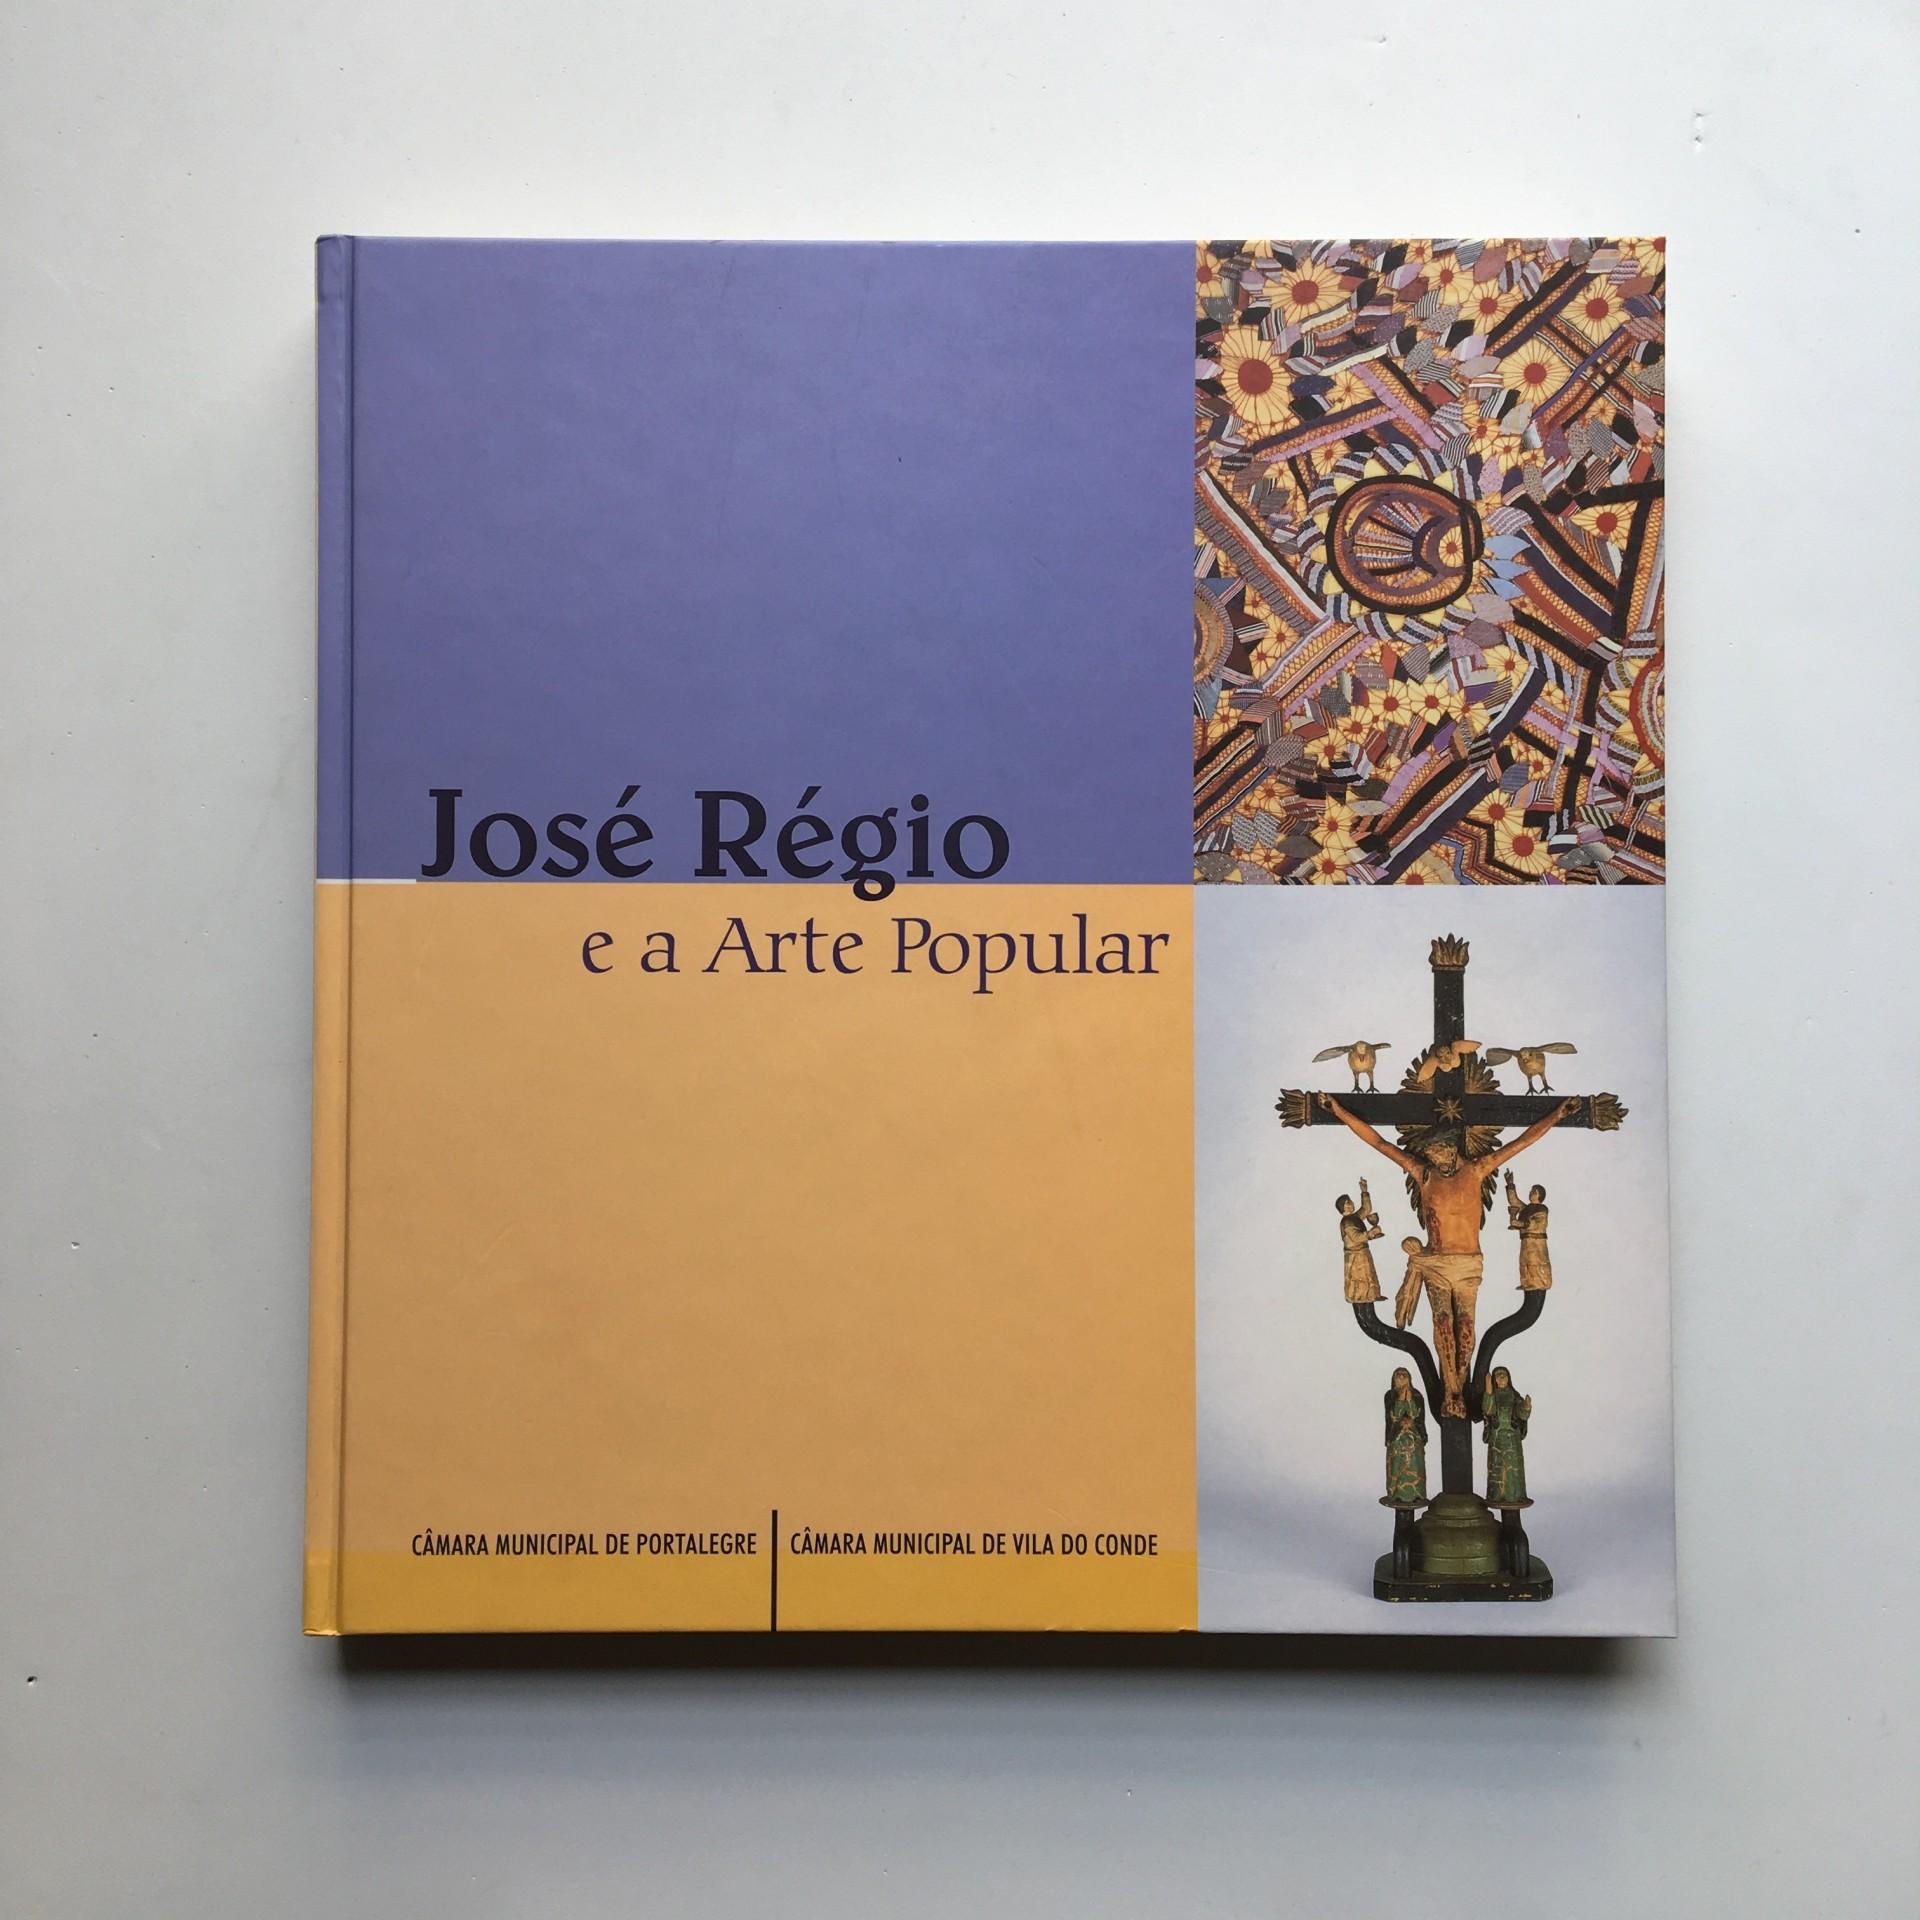 José Régio e a Arte Popular